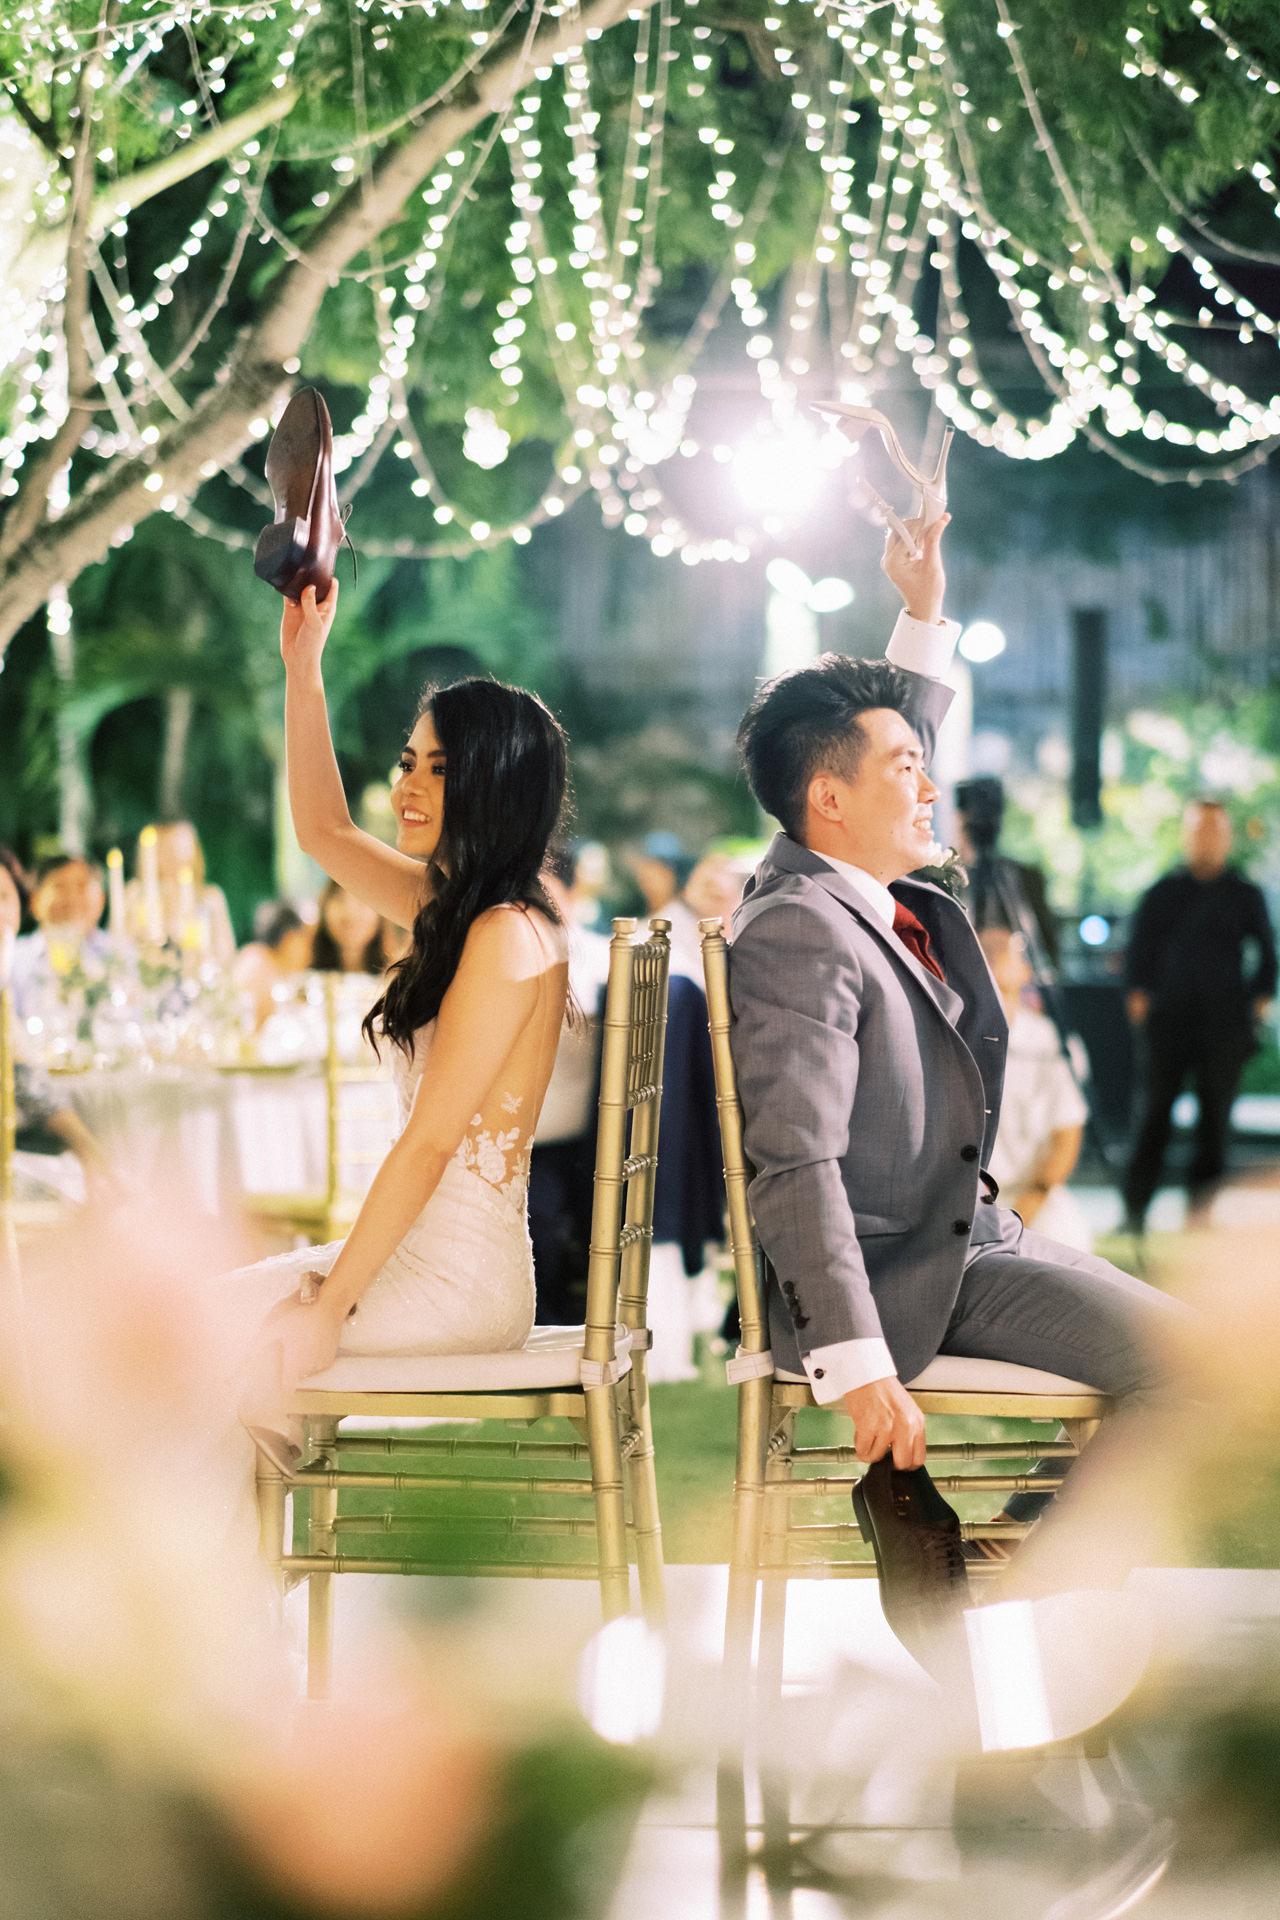 Bali Wedding Fun Games